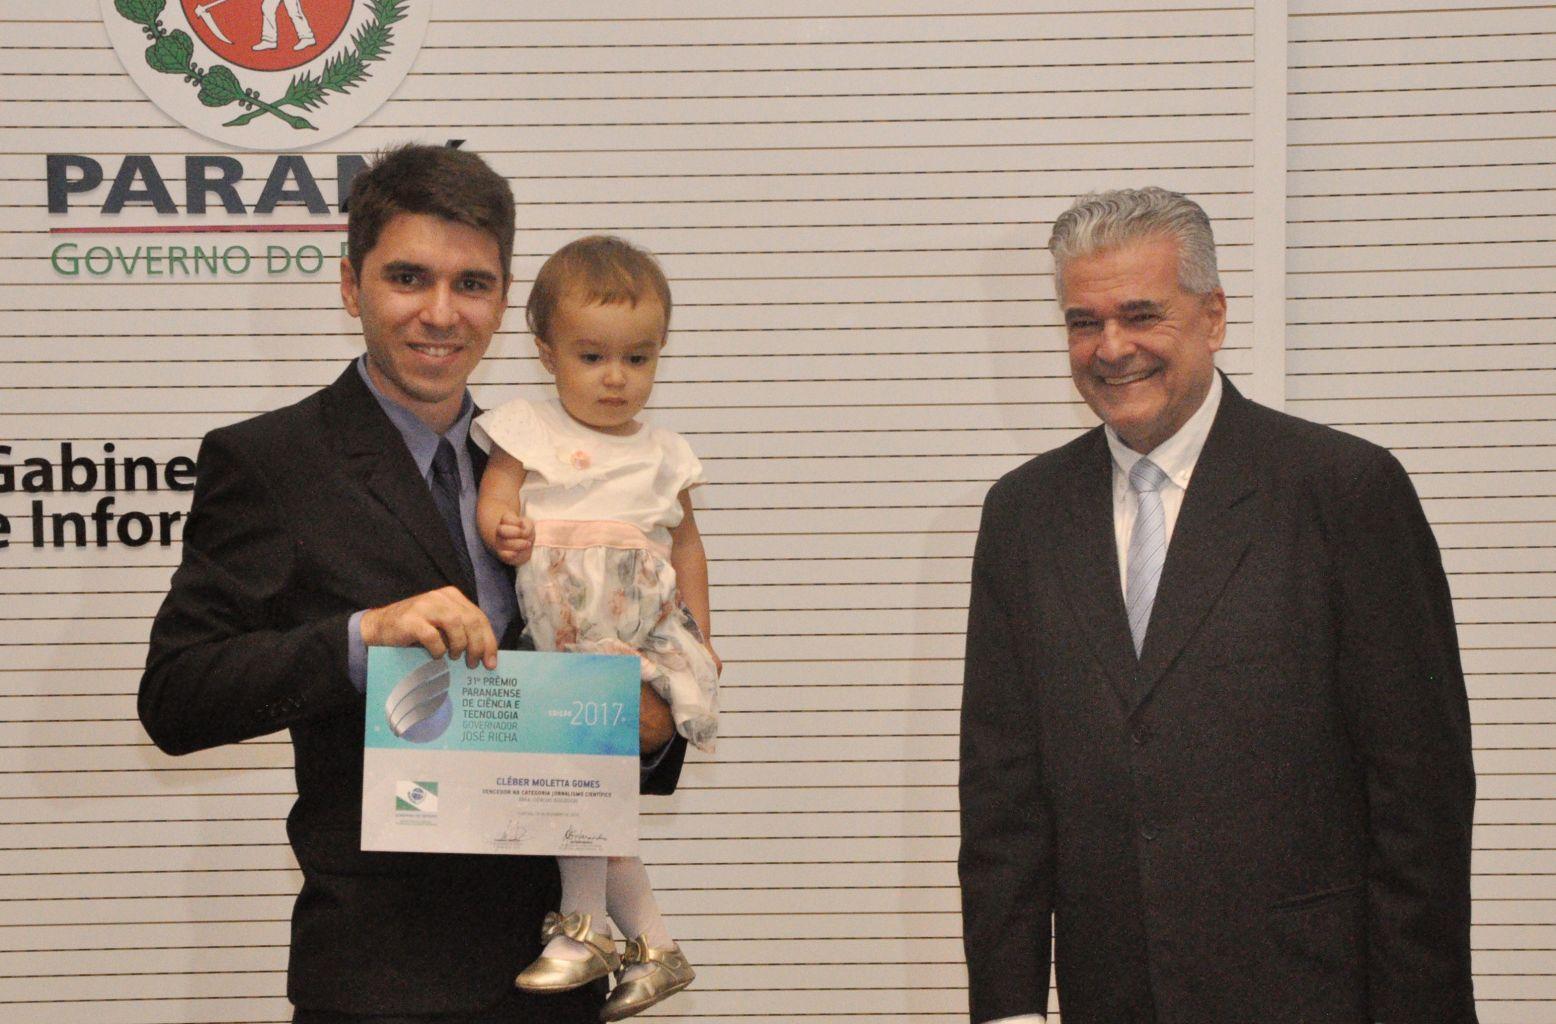 Egresso da Unicentro é premiado pela Seti por reportagem sobre projeto desenvolvido por professor da Universidade